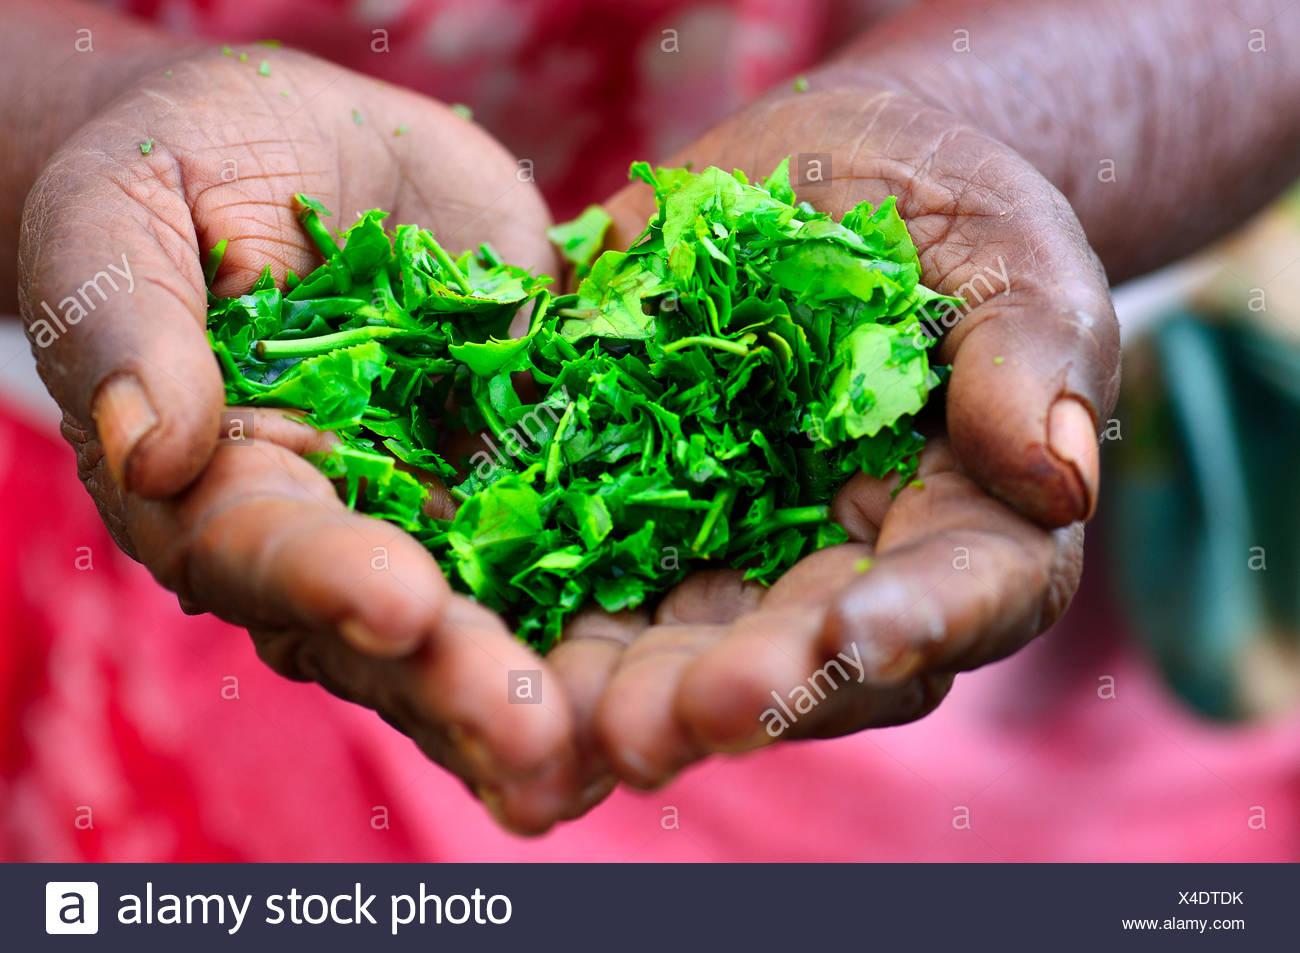 Elderly woman holding tea leaves in her hands, Ella, Uva, Sri Lanka - Stock Image